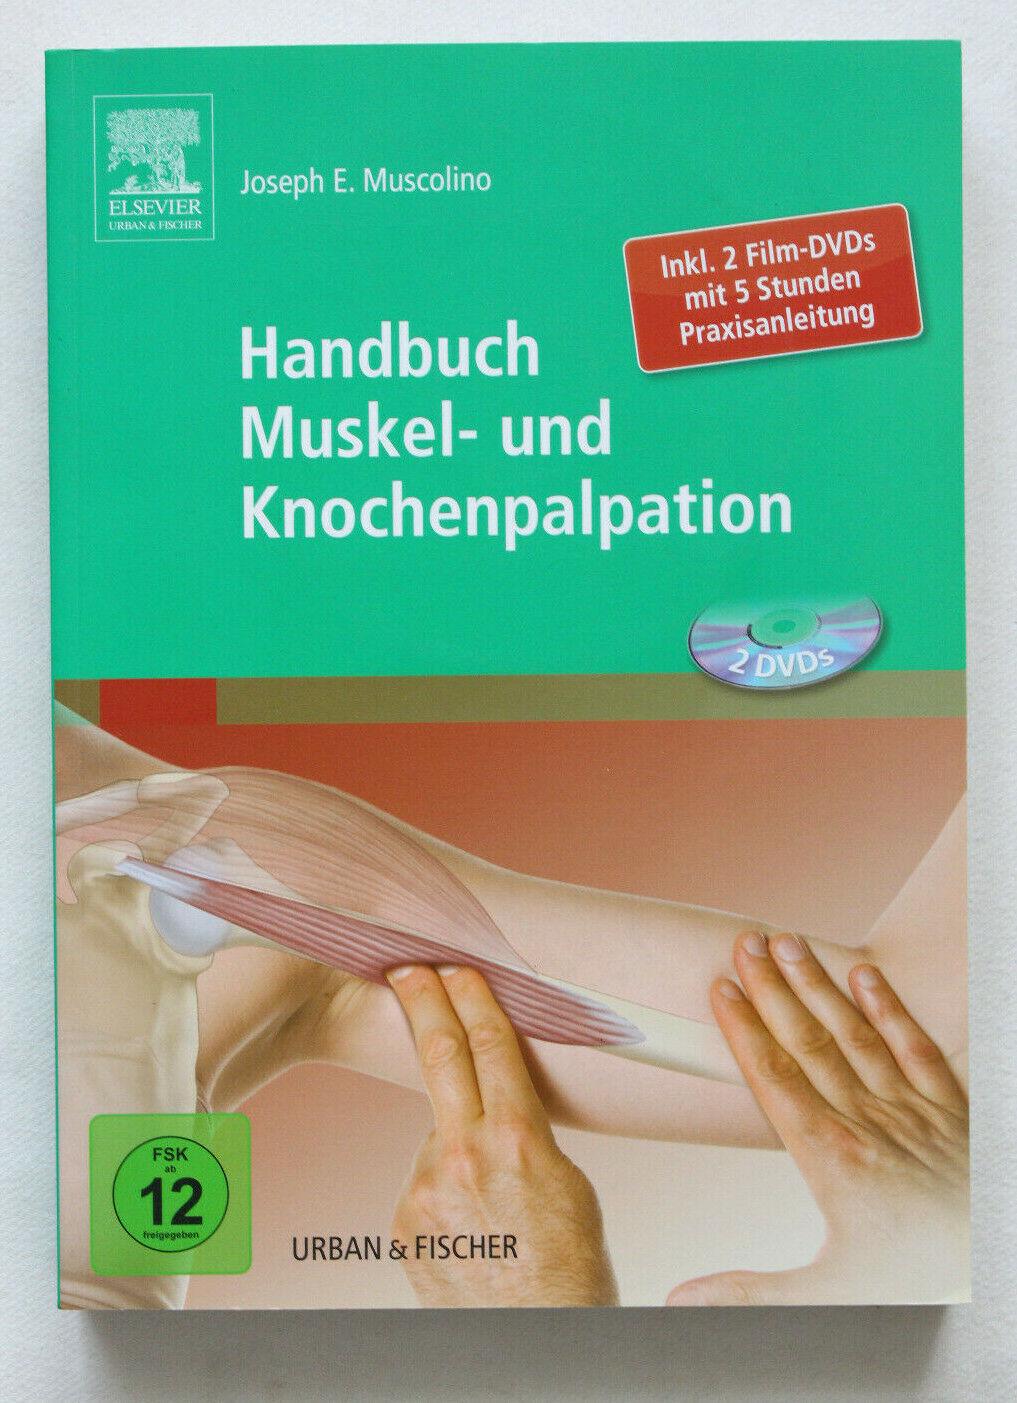 Handbuch Muskel- und Knochenpalpation